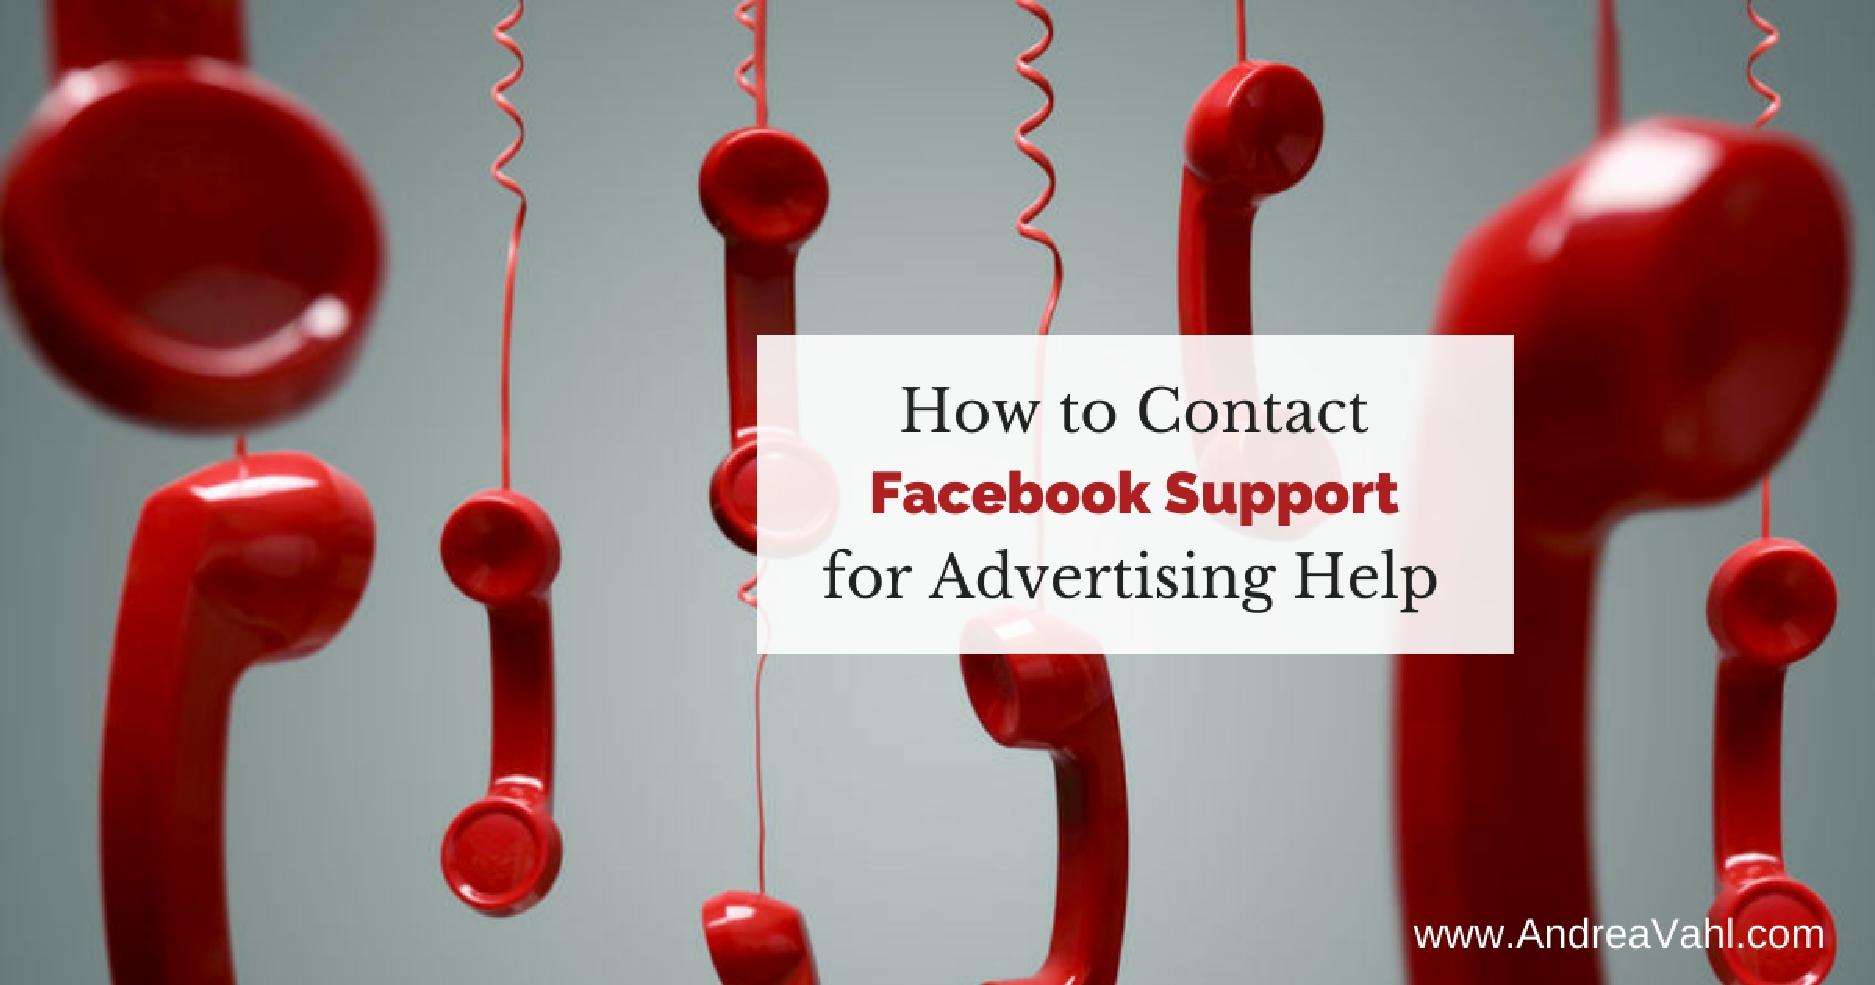 Cómo ponerse en contacto con el servicio de asistencia de Facebook para obtener ayuda publicitaria